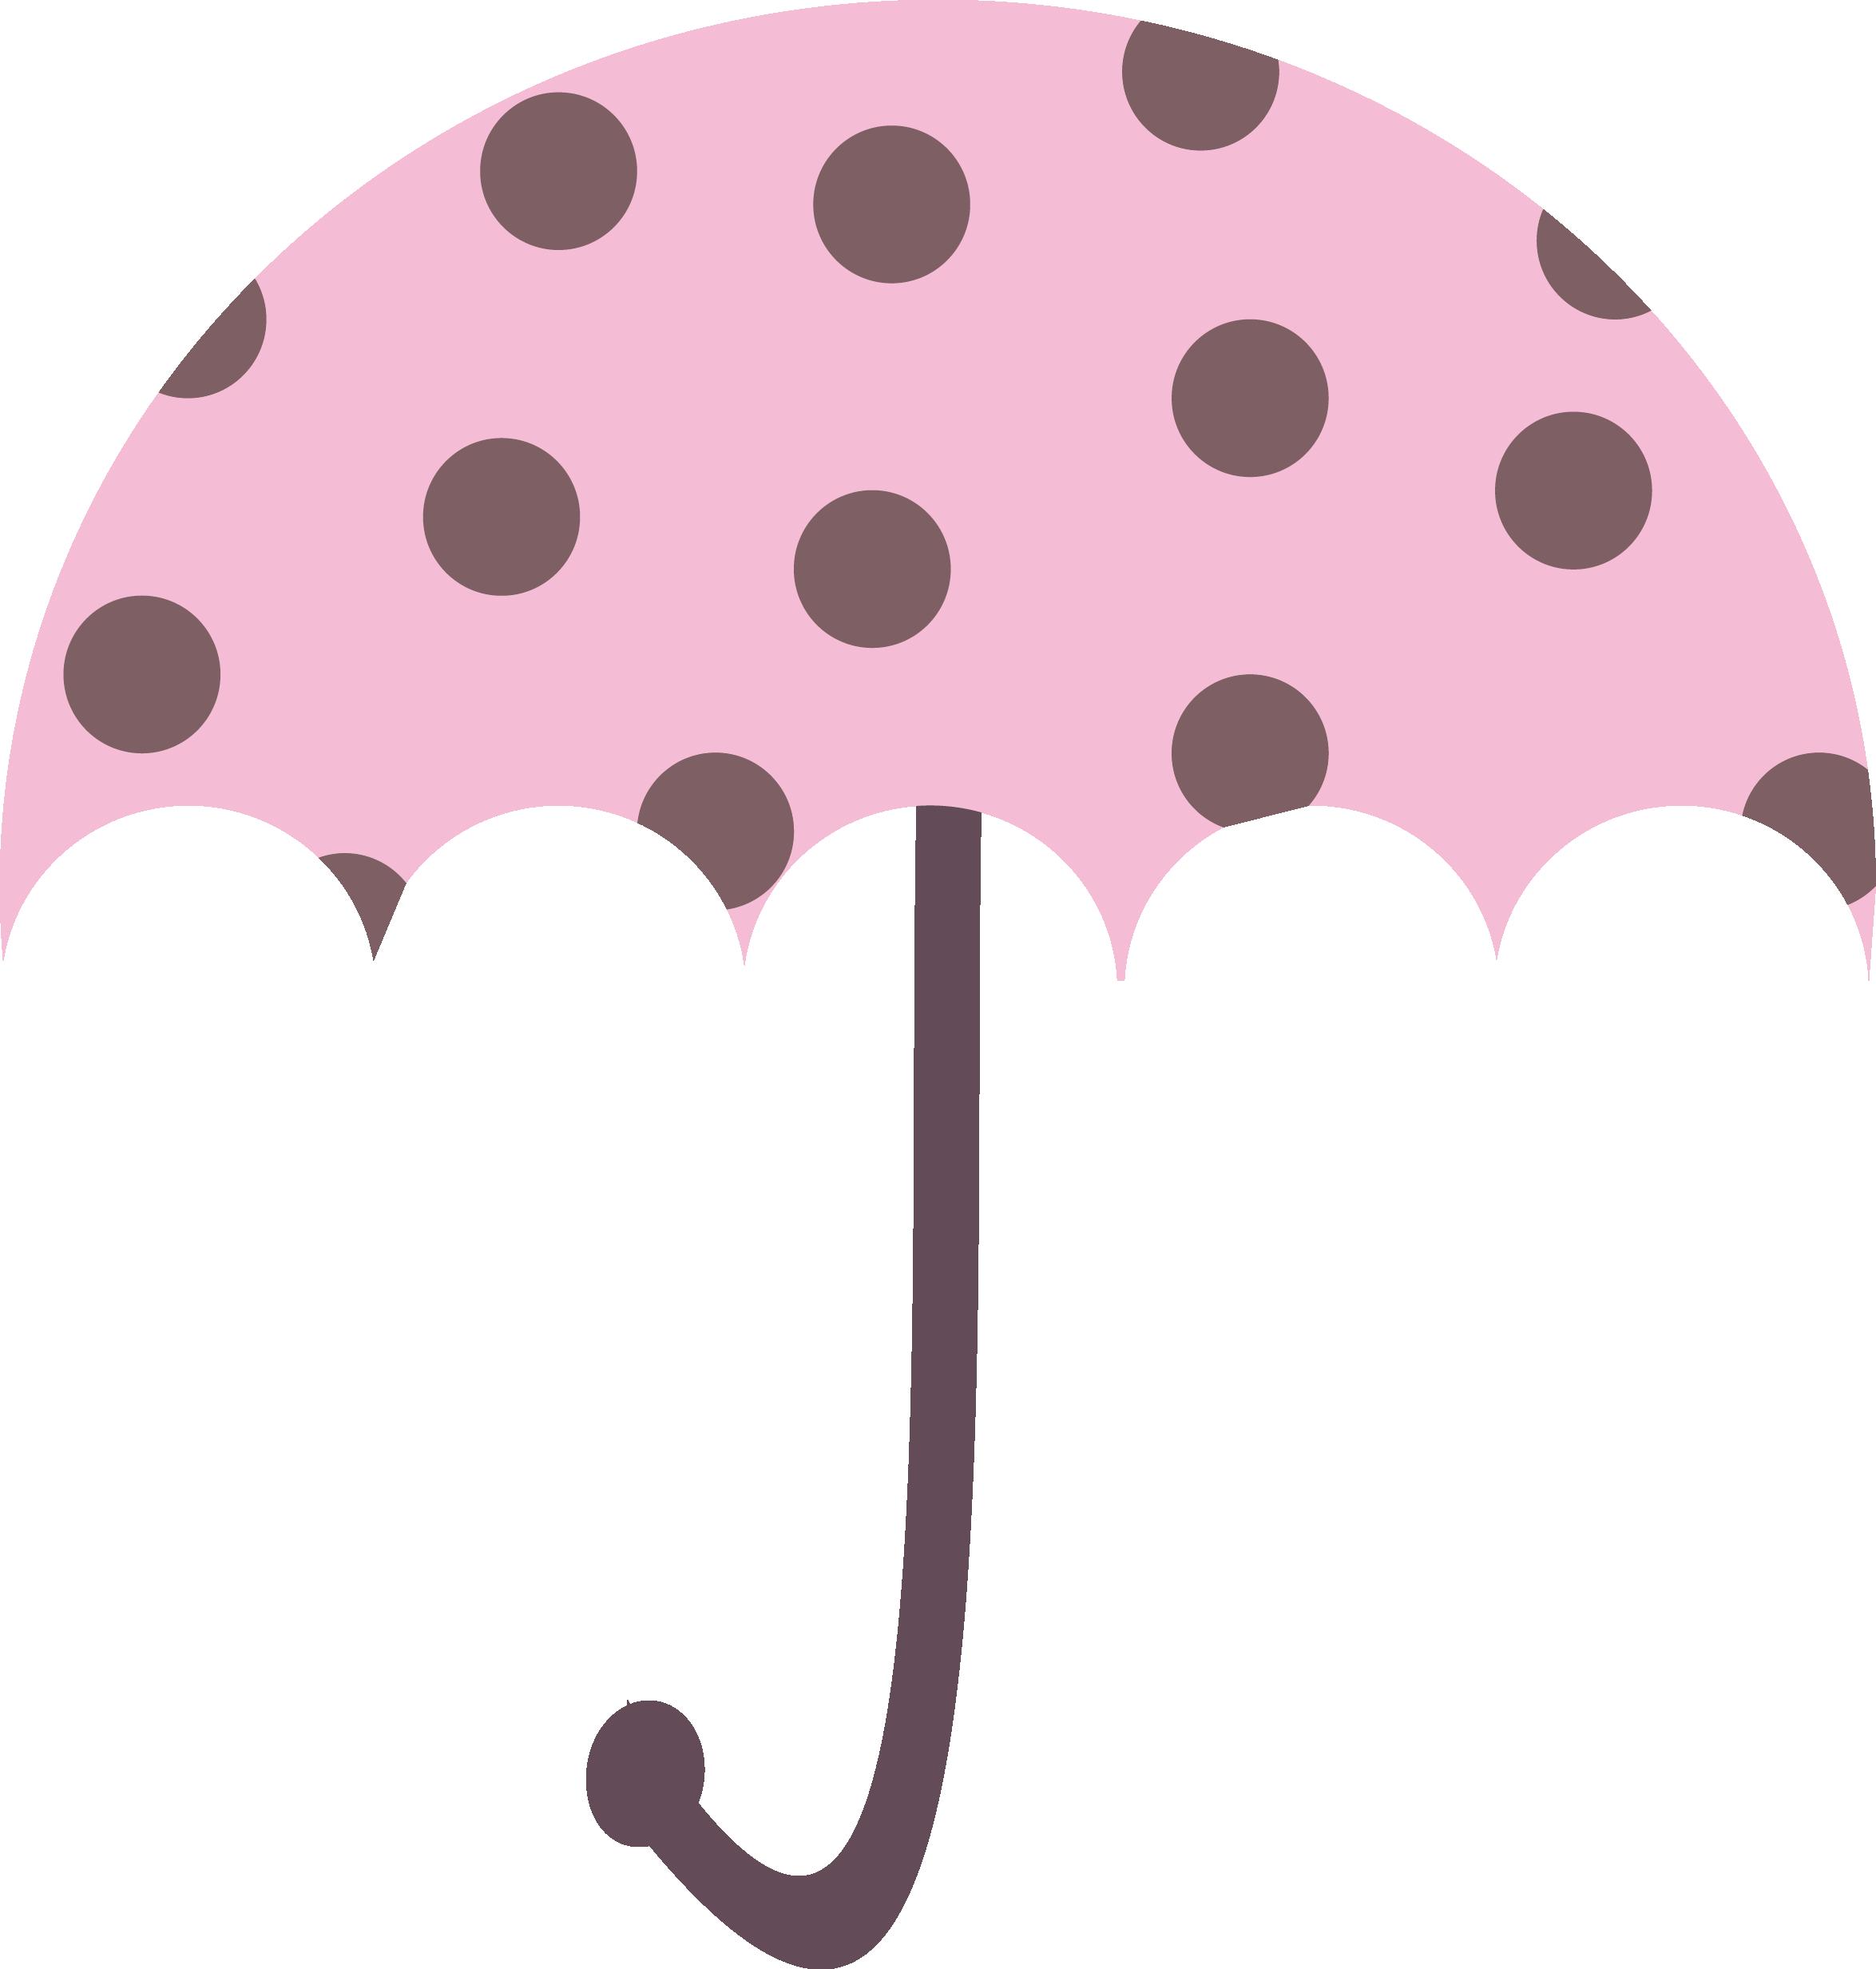 Free Umbrella Pics, Download Free Clip Art, Free Clip Art on Clipart.